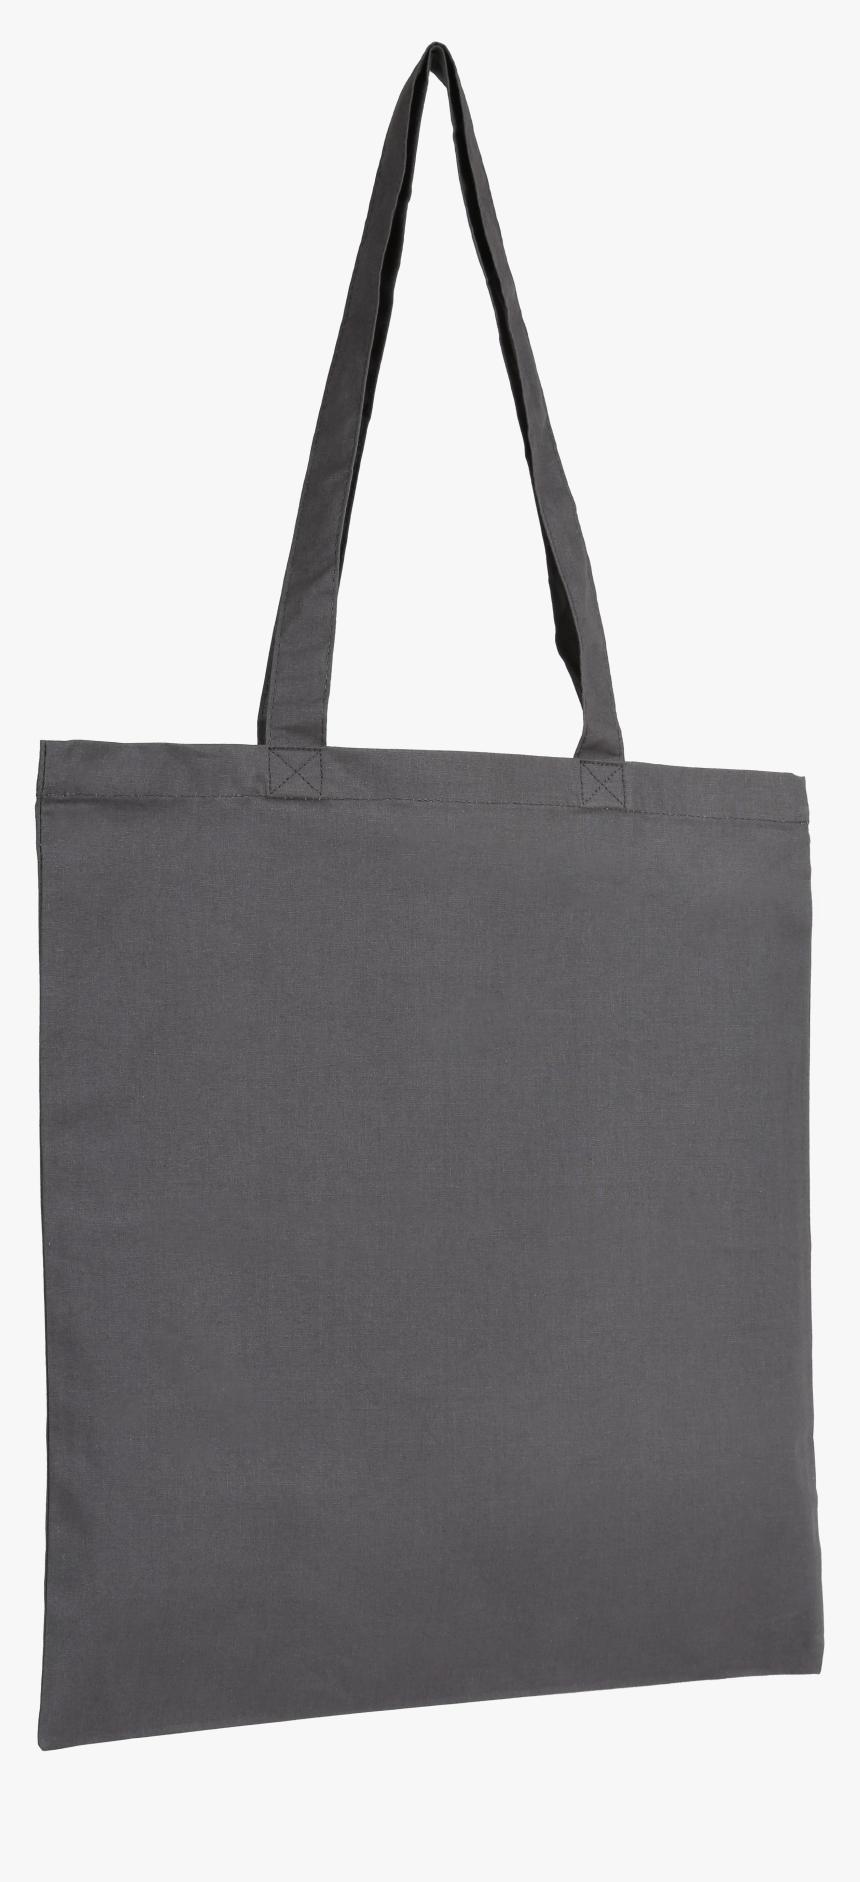 Col - 090 - Medium Grey - Tote Bag, HD Png Download, Free Download